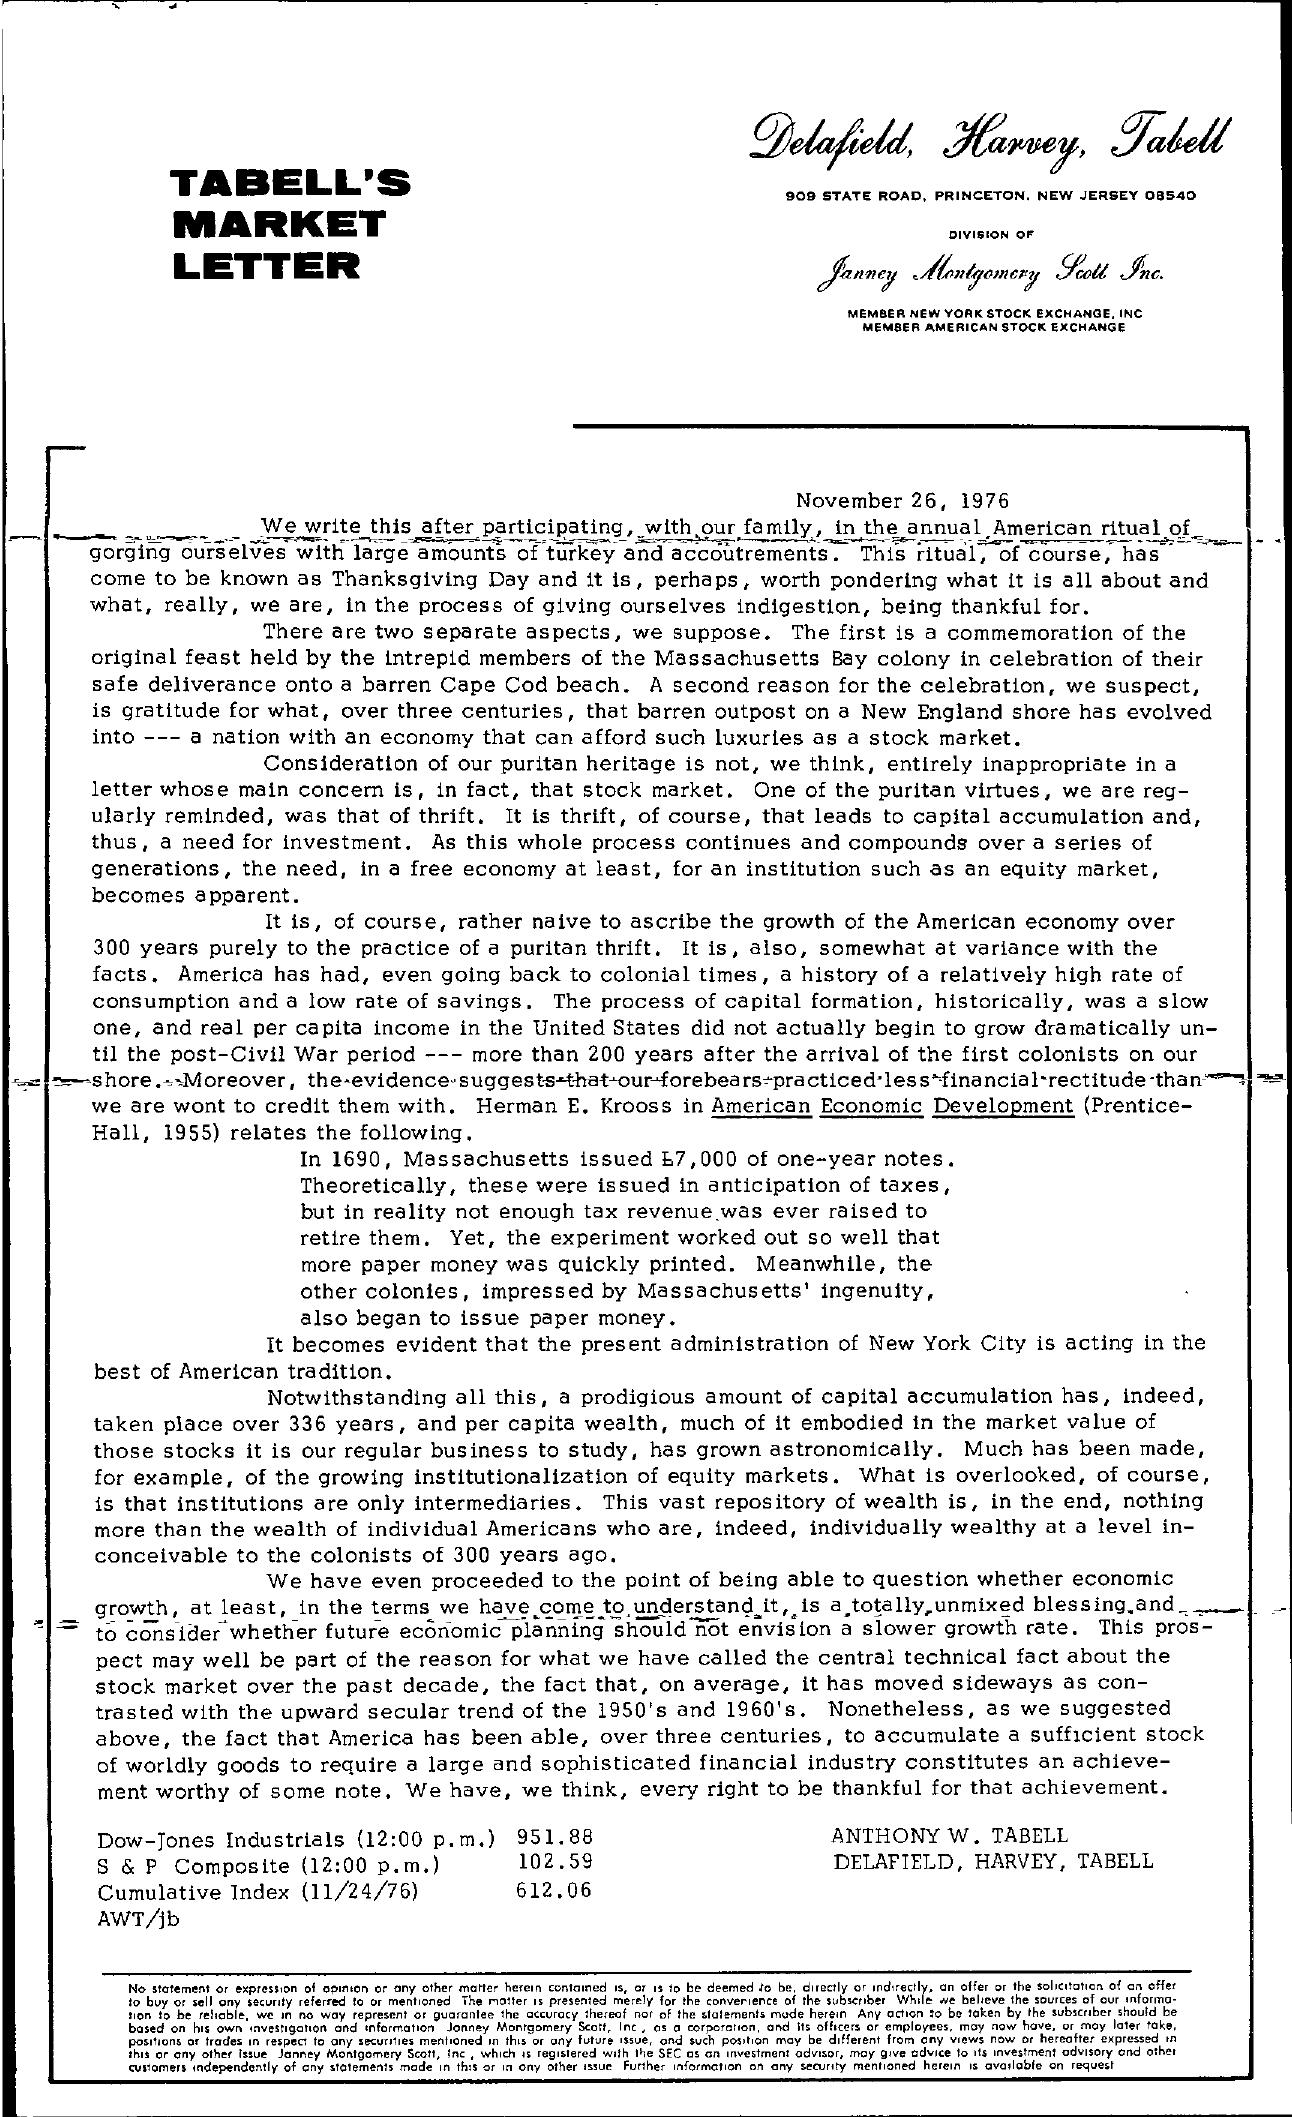 Tabell's Market Letter - November 26, 1976